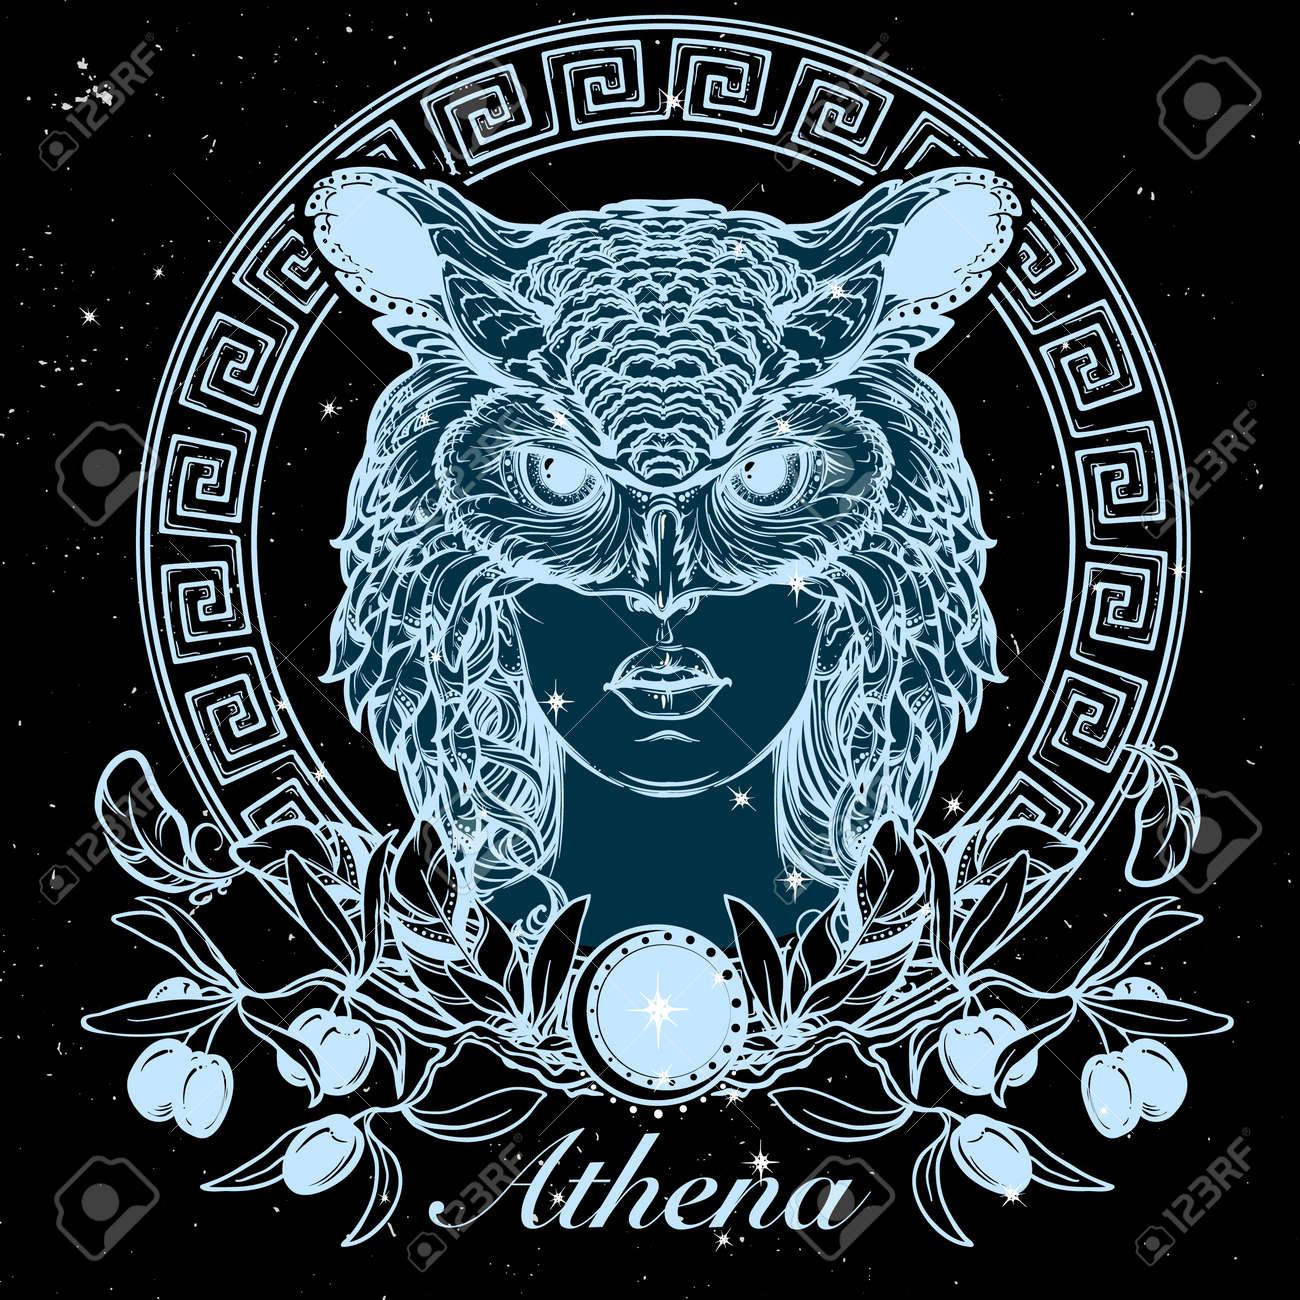 Atenea Diosa De Los Antiguos Mitos Griegos Mujer Hermosa En Una